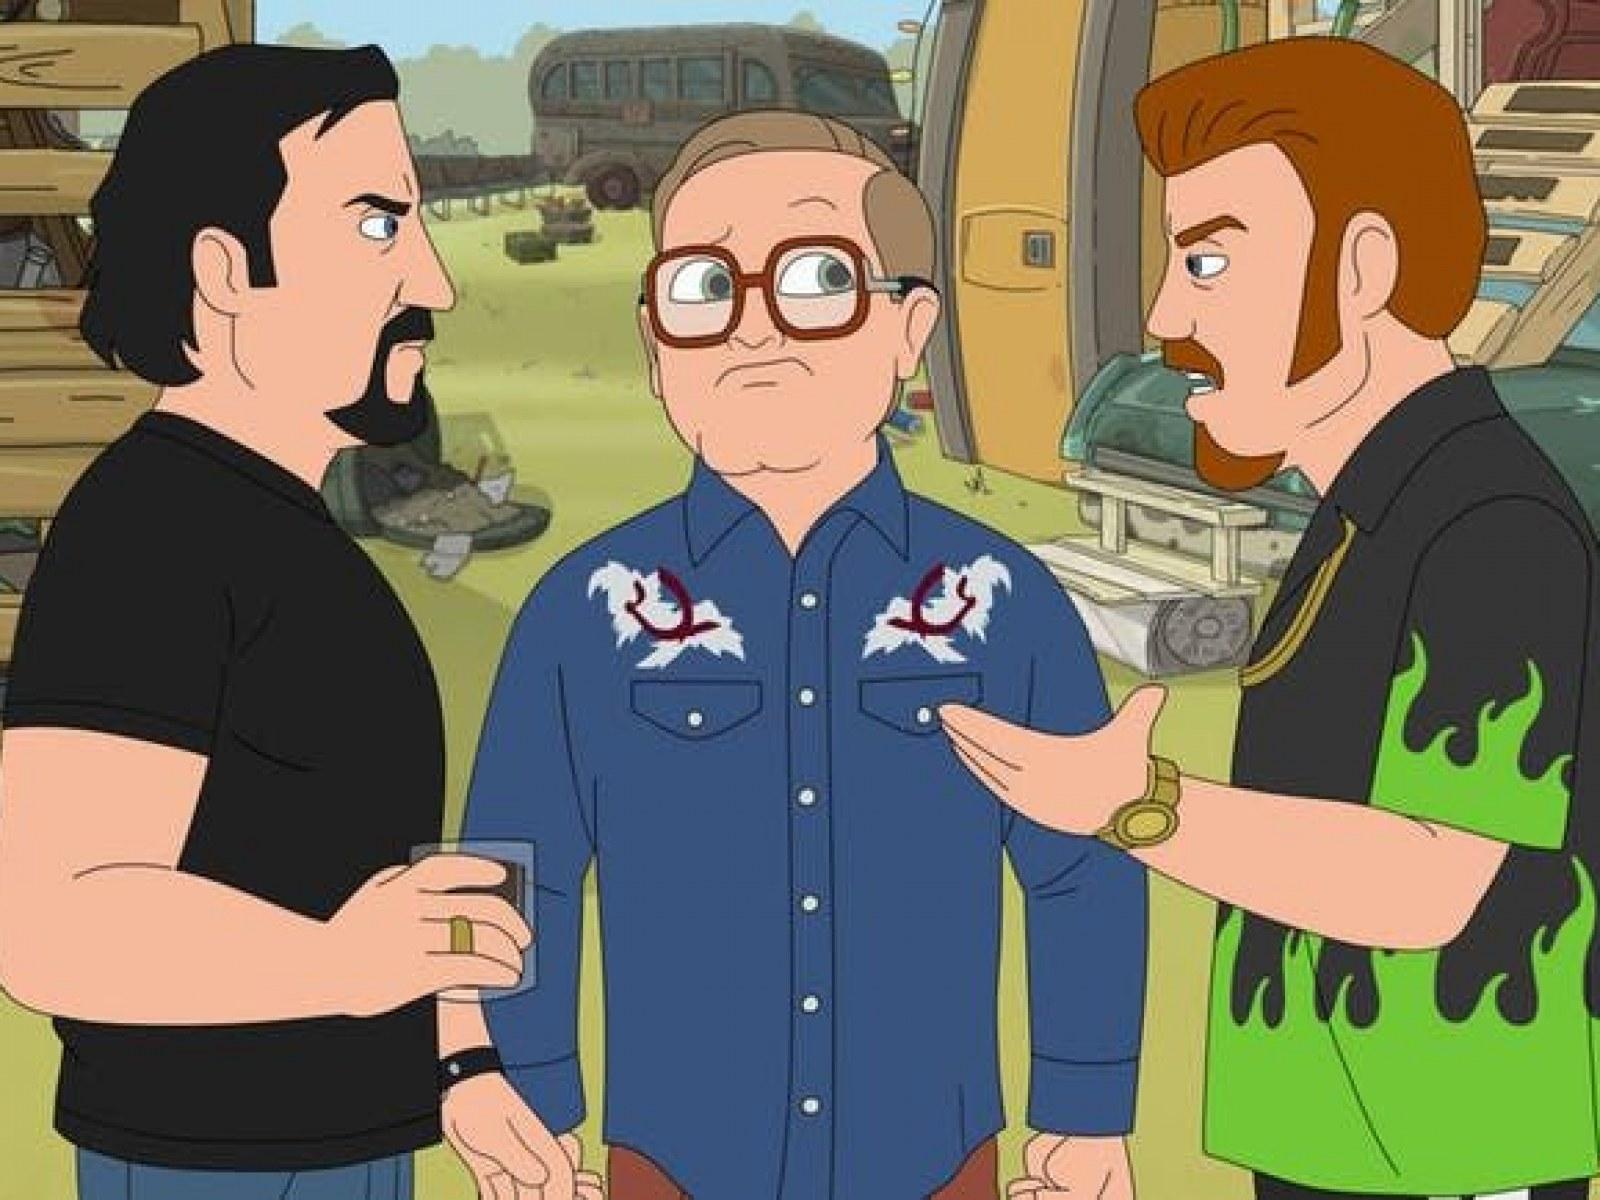 Trailer park boys animated series kills lahey death is a sht hawk